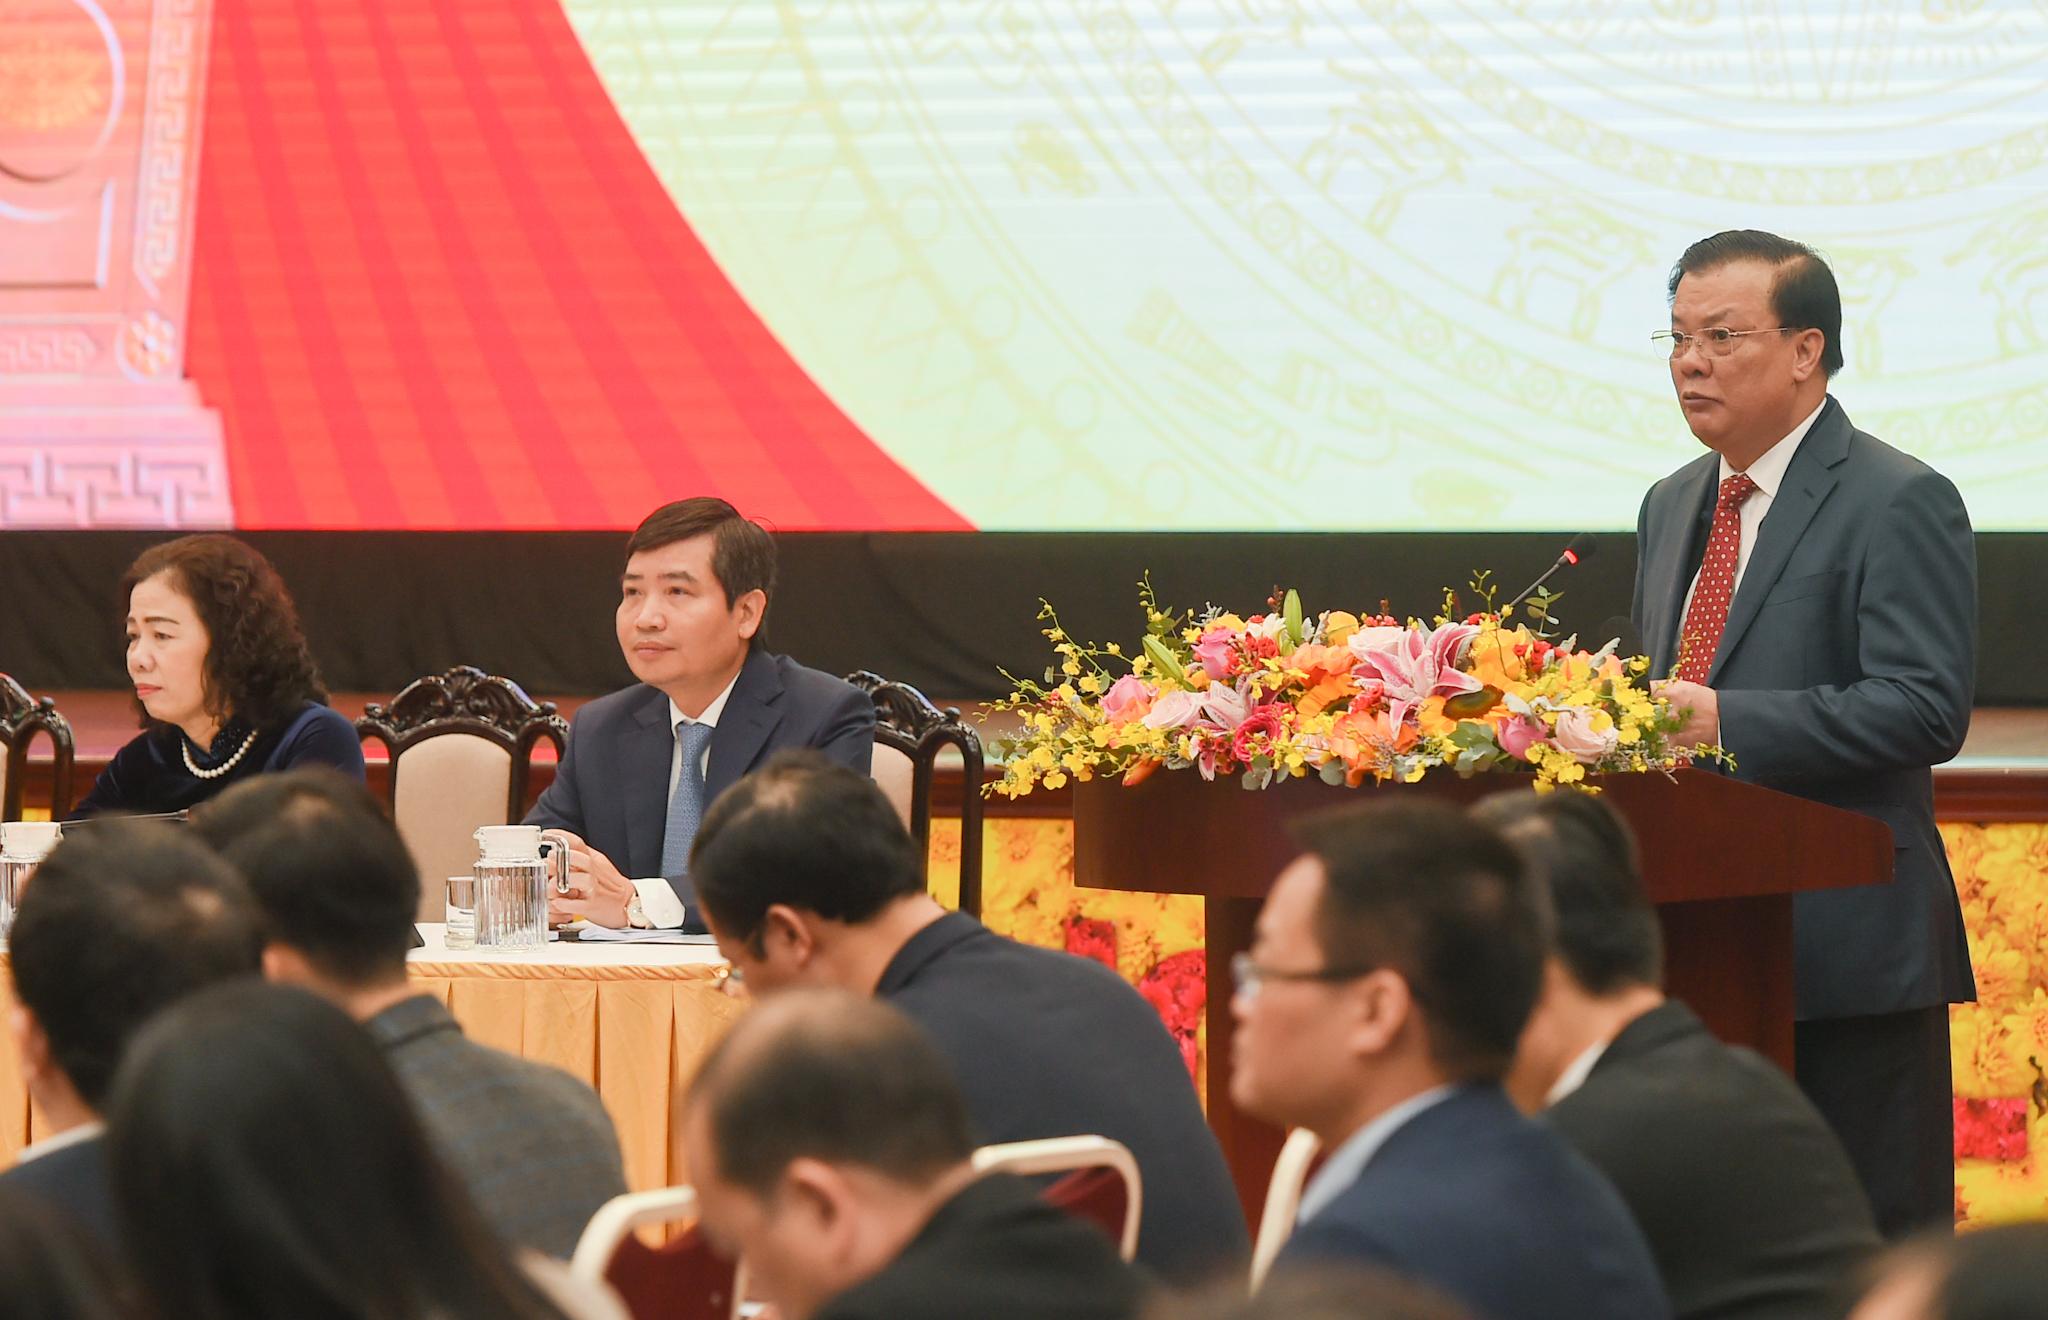 Bộ trưởng Bộ Tài chính Đinh Tiến Dũng trình bày kế hoạch công tác năm 2021 của Bộ Tài chính. Ảnh: VGP/Quang Hiếu